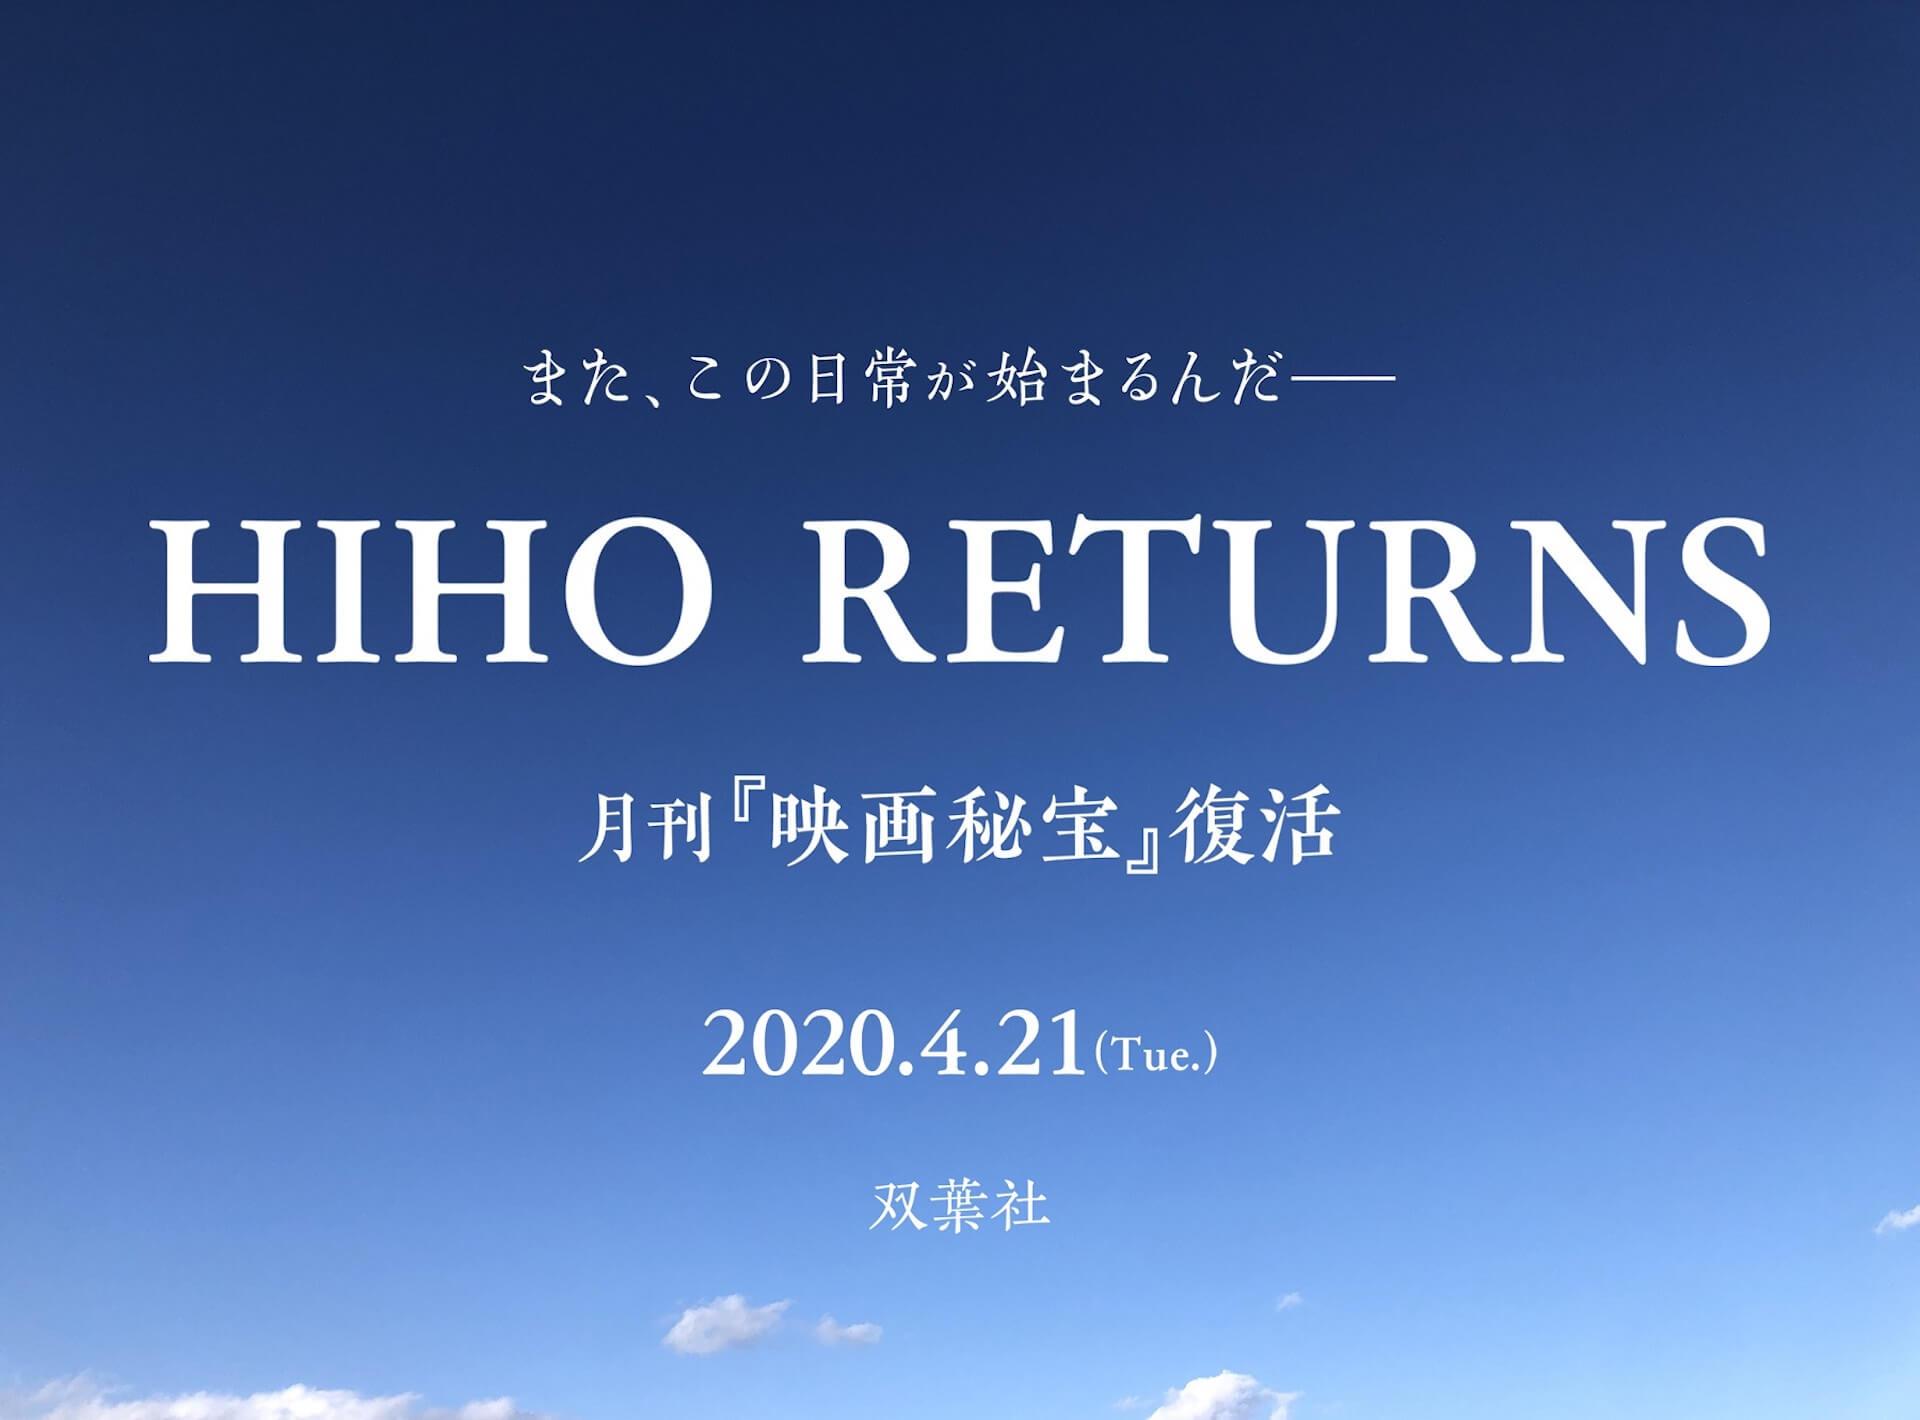 『映画秘宝』、早くも復刊!のん&塚本晋也出演、入江悠監督のYouTube動画『HIHO RETURNS』も公開 film200325_eigahiho_11